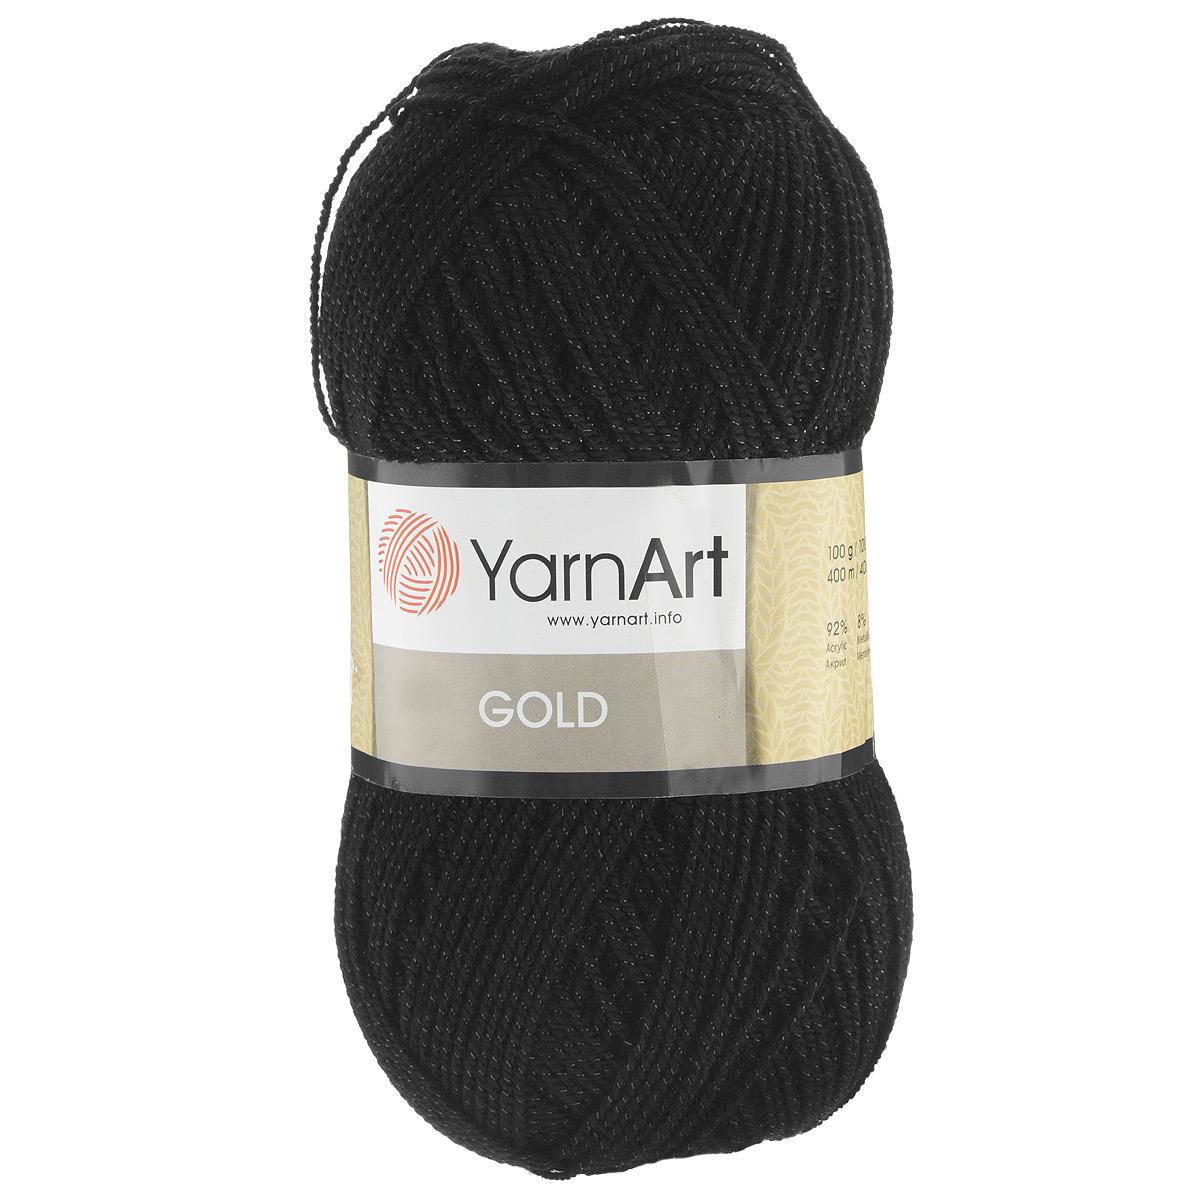 Пряжа для вязания YarnArt Gold, цвет: угольный (9038), 400 м, 100 г, 5 шт372007_9038Мерцающая нитка с люрексом для вязания эффектных вещей, тонкая, мягкая, нежная, приятная на ощупь. Пряжа окрашена равномерно с помощью стойких высококачественных красителей, нить плотно скручена, люрекс не выбивается в процессе вязания, петли ложатся равномерно. YarnArt Gold - декоративная пряжа с широкой цветовой палитрой, предназначенная для демисезонной одежды. Акрил защищает готовое изделие от закошлачивания, деформации после стирки и сушки. Нить гибкая и эластичная, хорошо тянется, превосходно сохраняет форму после носки. Изысканная пряжа для создания вечерних нарядов выглядит дорого и стильно. Кроме традиционного золотистого и серебристого, люрекс предлагается в тон нити - синий, зеленый, бежевый и т.д. Таким образом, блеск получается ненавязчивым, гармоничным, приятным глазу. YarnArt Gold выглядит красиво в болеро, свитерах, палантинах, шалях, шапках, шарфах, перчатках, гетрах, а также нарядных детских платьях, кофтах. Рекомендуется для вязания на спицах 2,75...